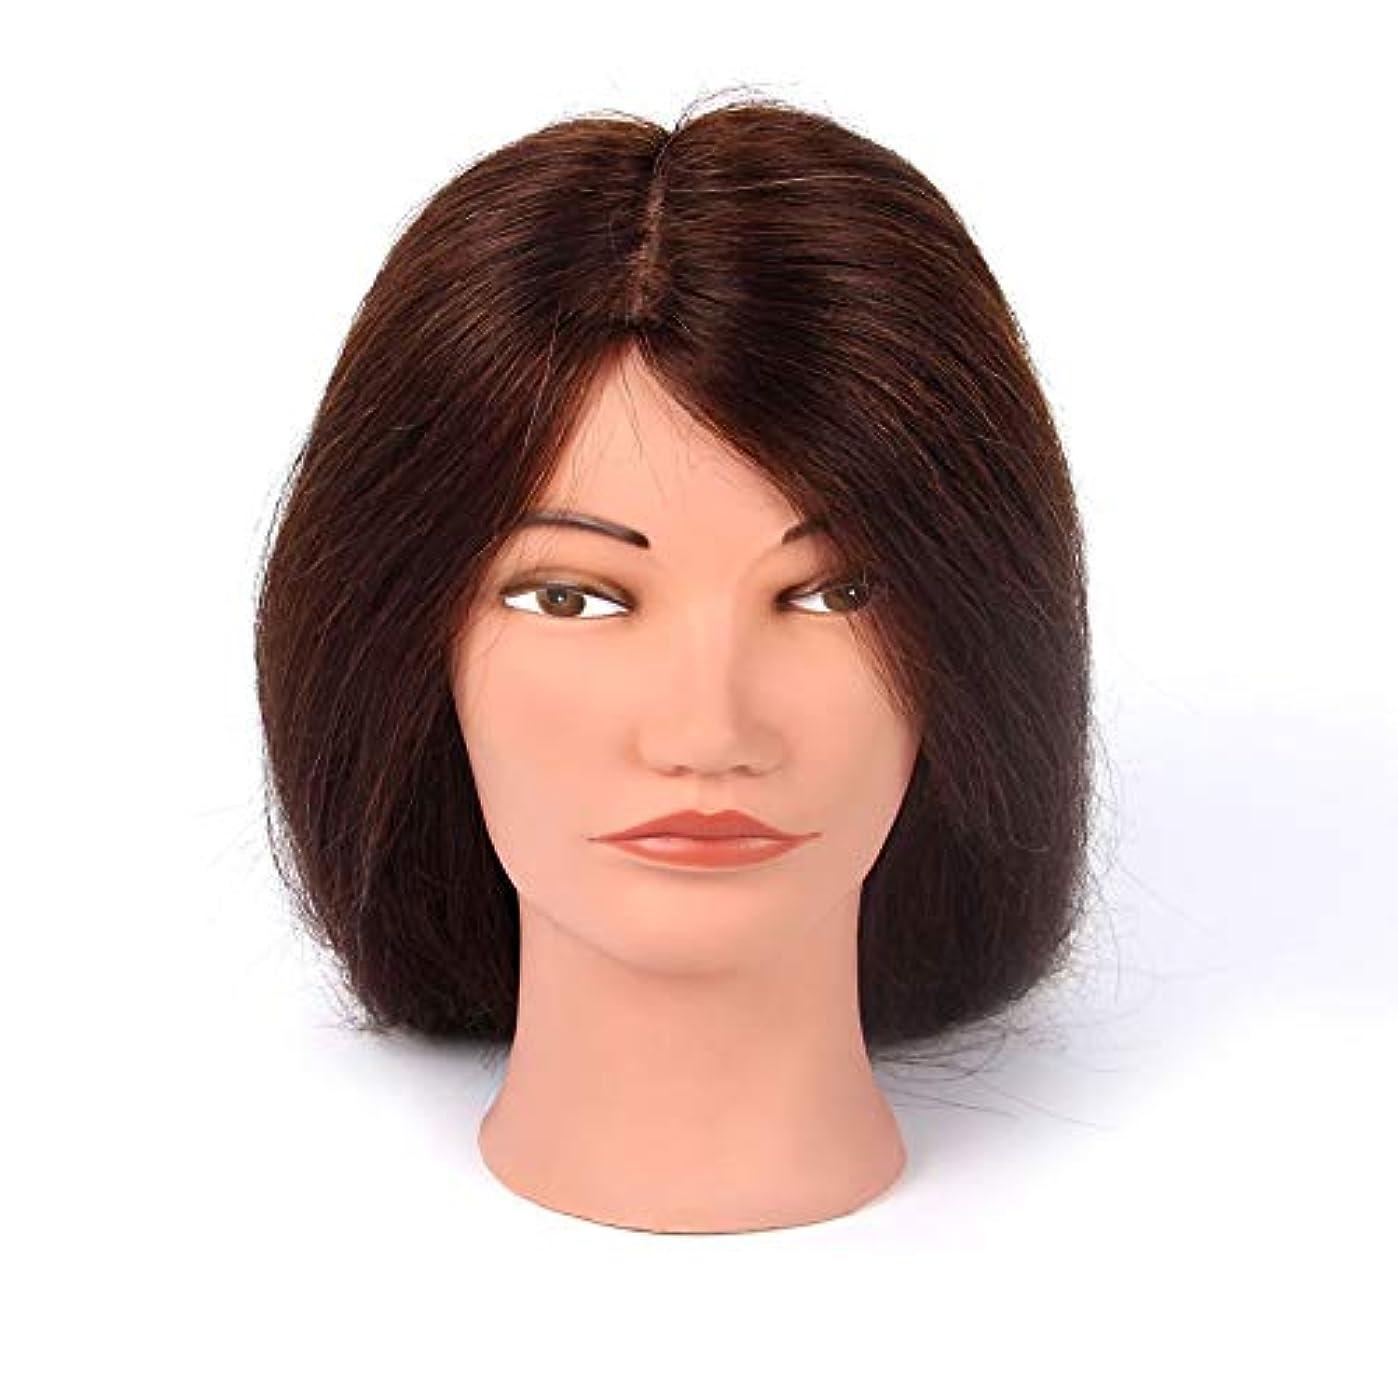 地質学無関心カール理髪練習ヘッド吹くホットロールダミーヘッドパーマ髪の染め指導ヘッドメイクアップヘアスタイリングモデルヘッド